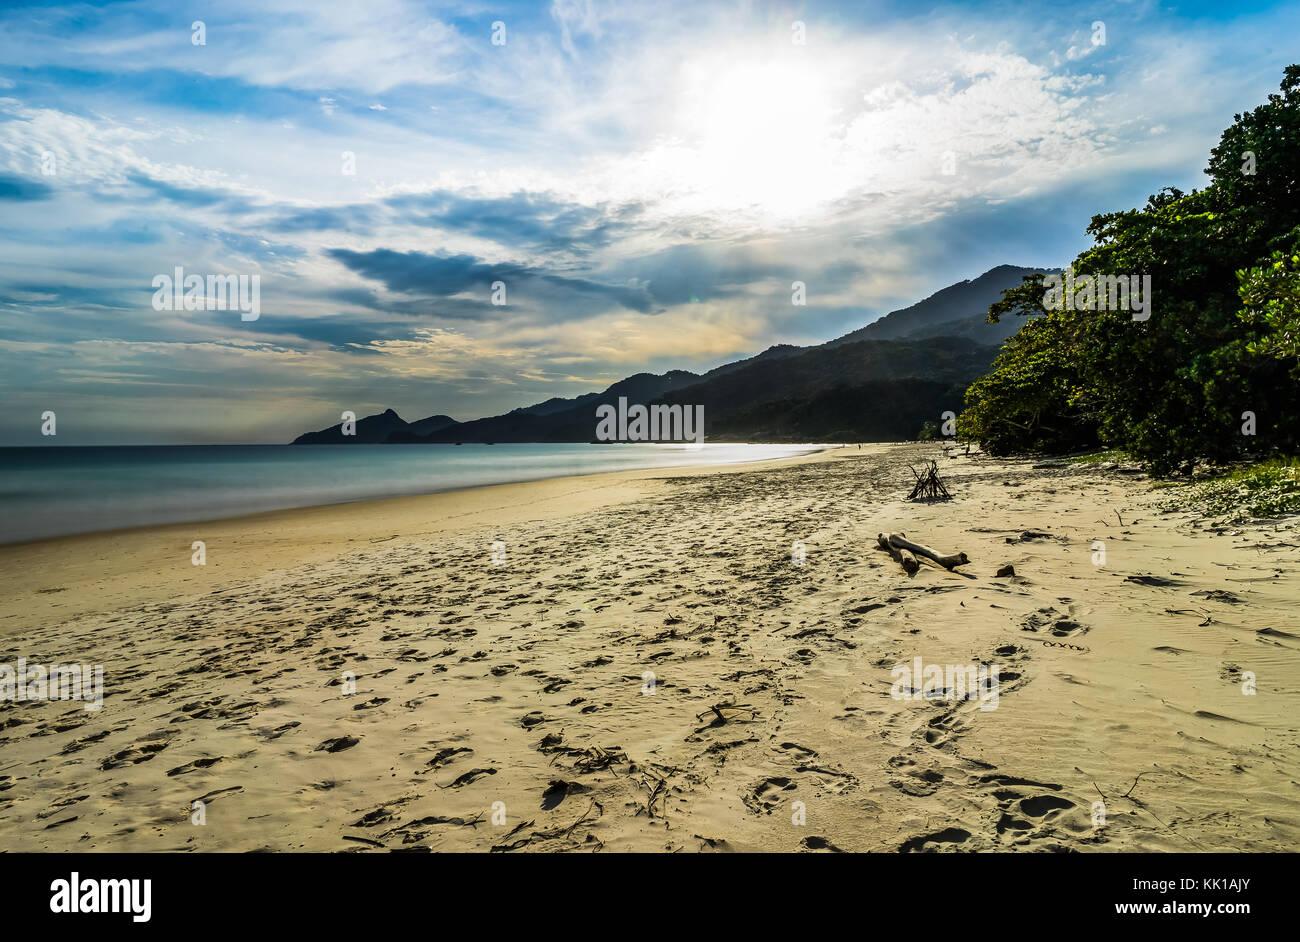 Lopes Mendes Beach in Ilha Grande a sud di Rio de Janeiro in Brasile Immagini Stock